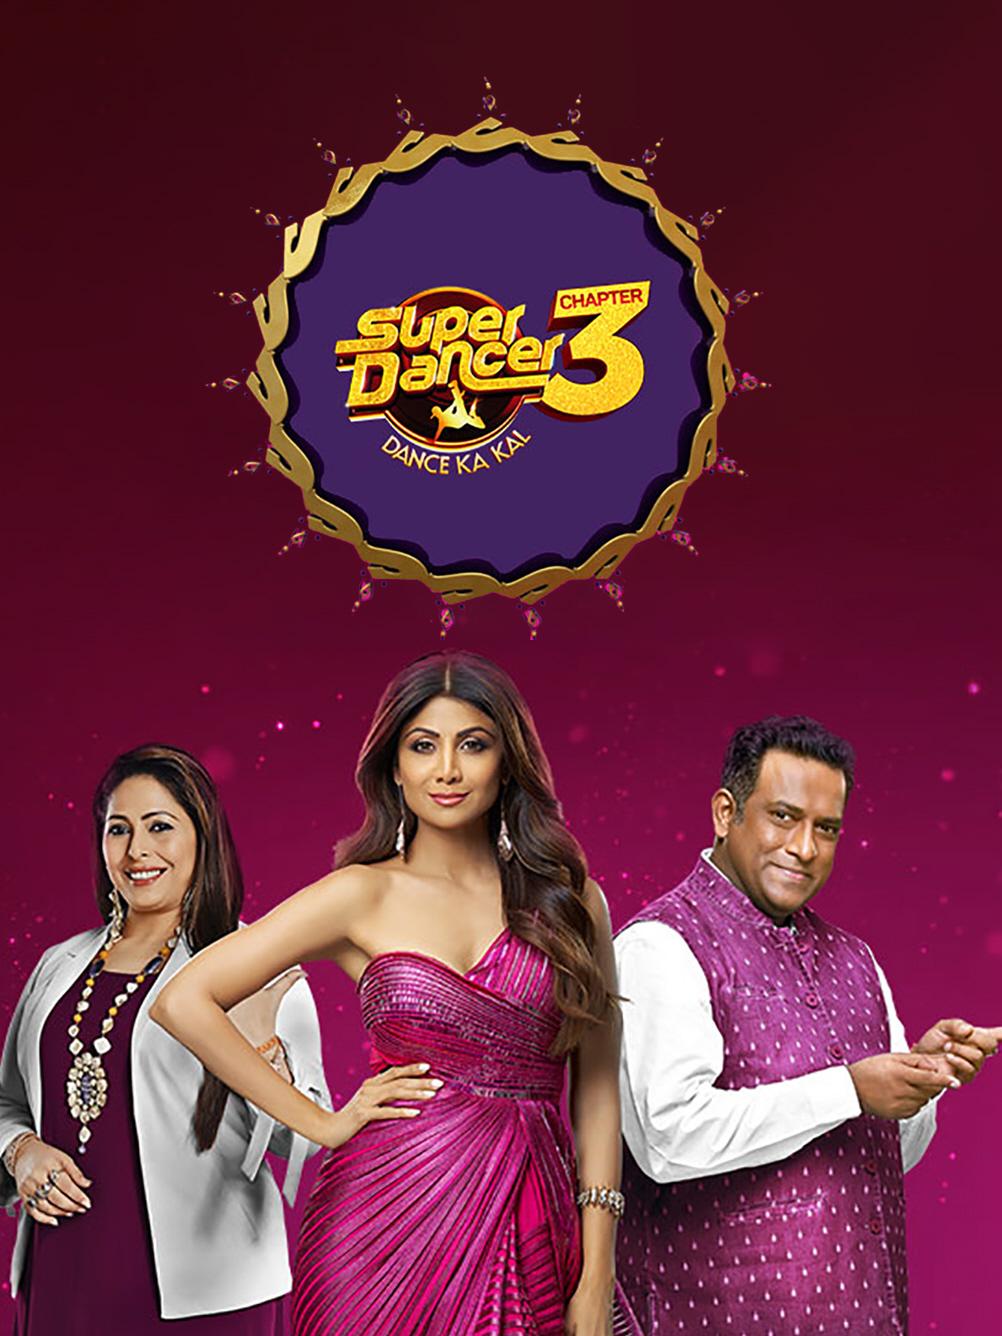 Bollywood Tadka,शिल्पा शेट्टी इमेज, शिल्पा शेट्टी पिक्चर,शिल्पा शेट्टी फोटो, गीता कपूर इमेज,  गीता कपूर पिक्चर,गीता कपूर फोटो